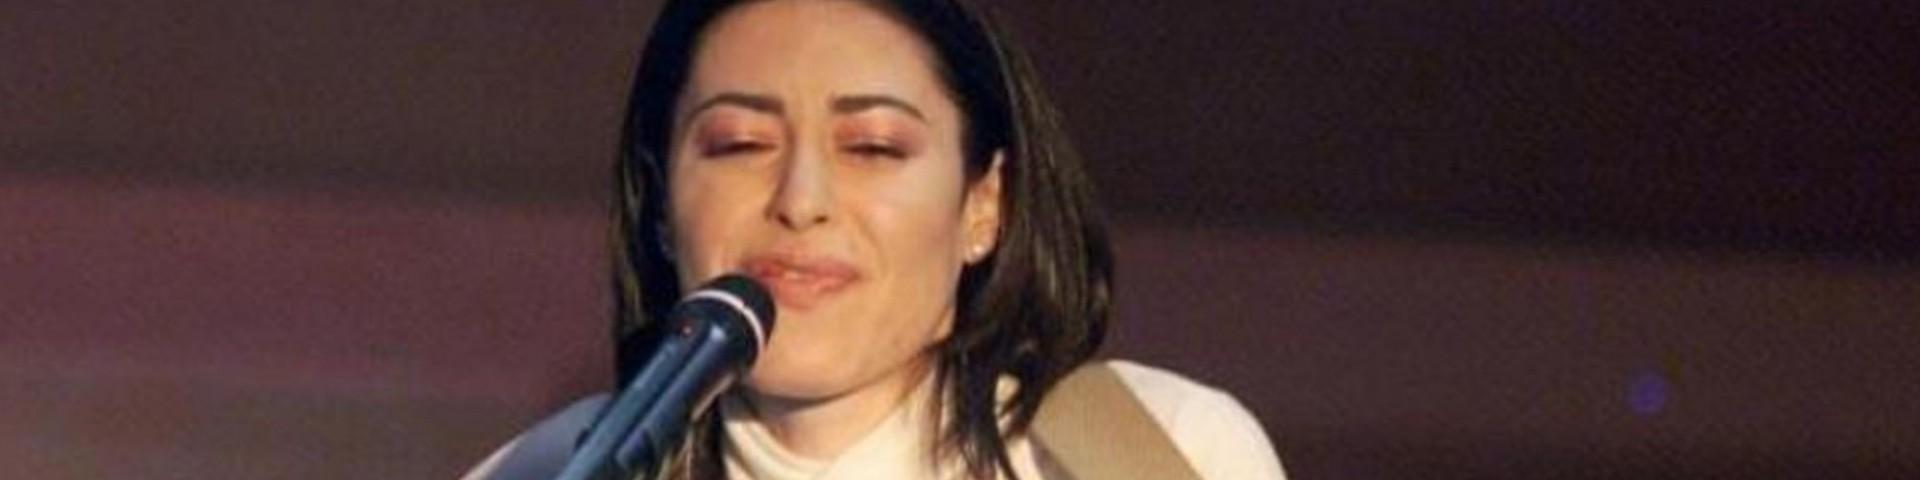 """Gerardina Trovato esclusa da Sanremo 2020: """"Sono sola e senza soldi"""""""